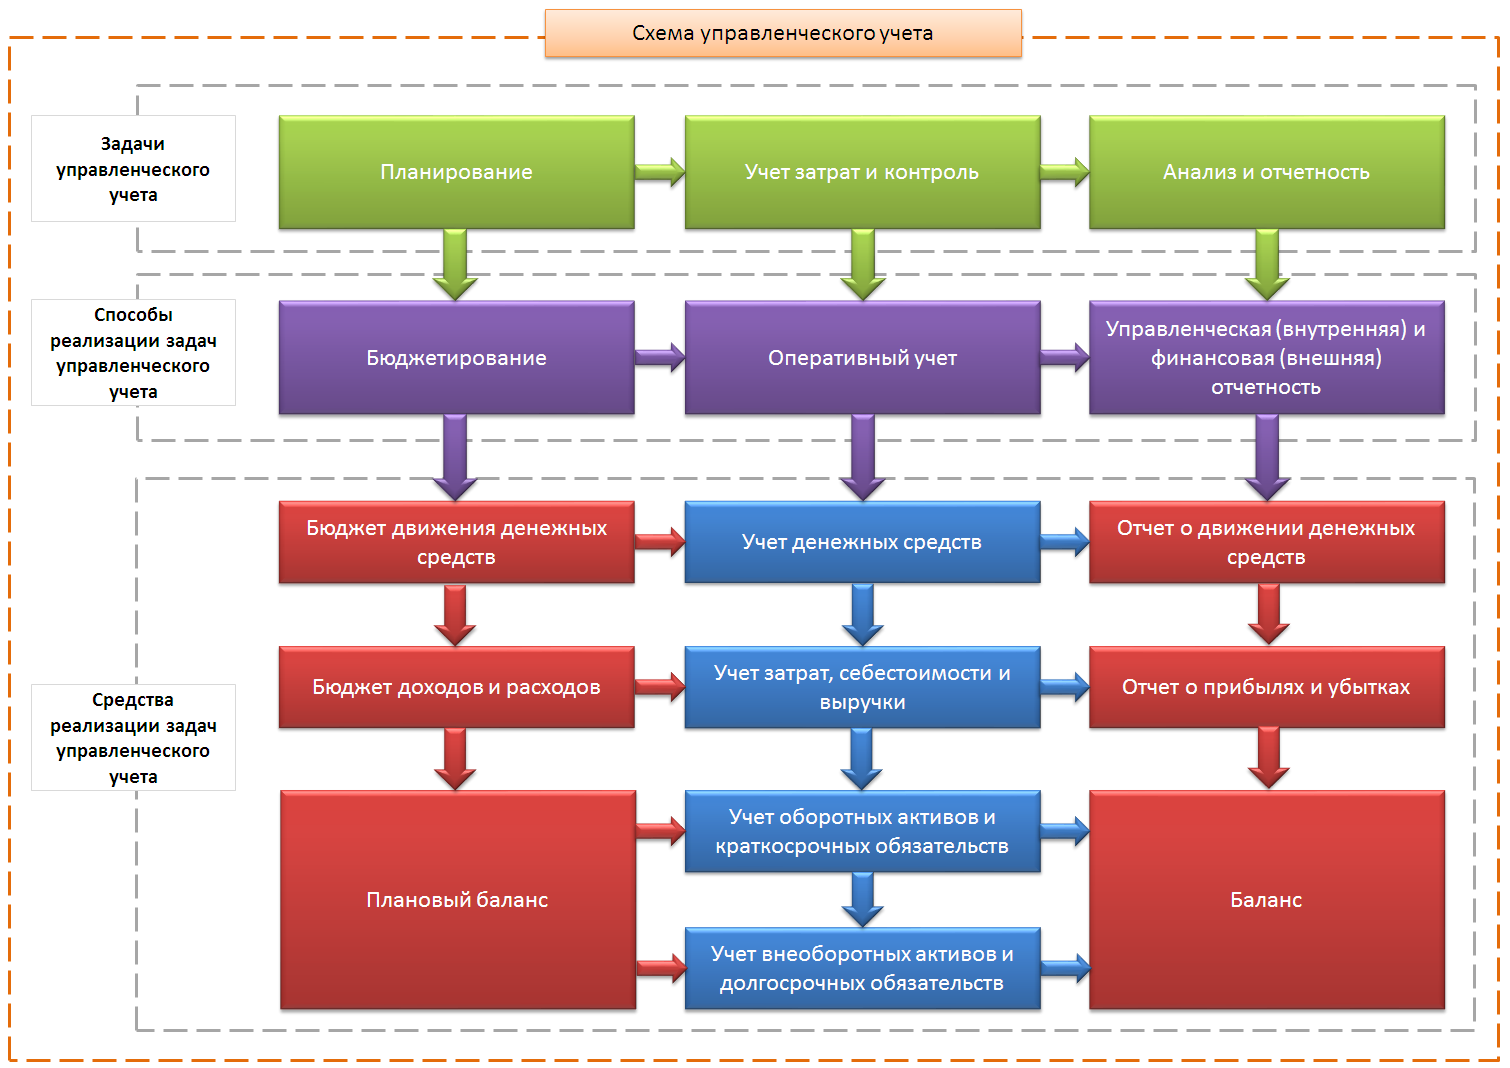 Схема управленческого учета